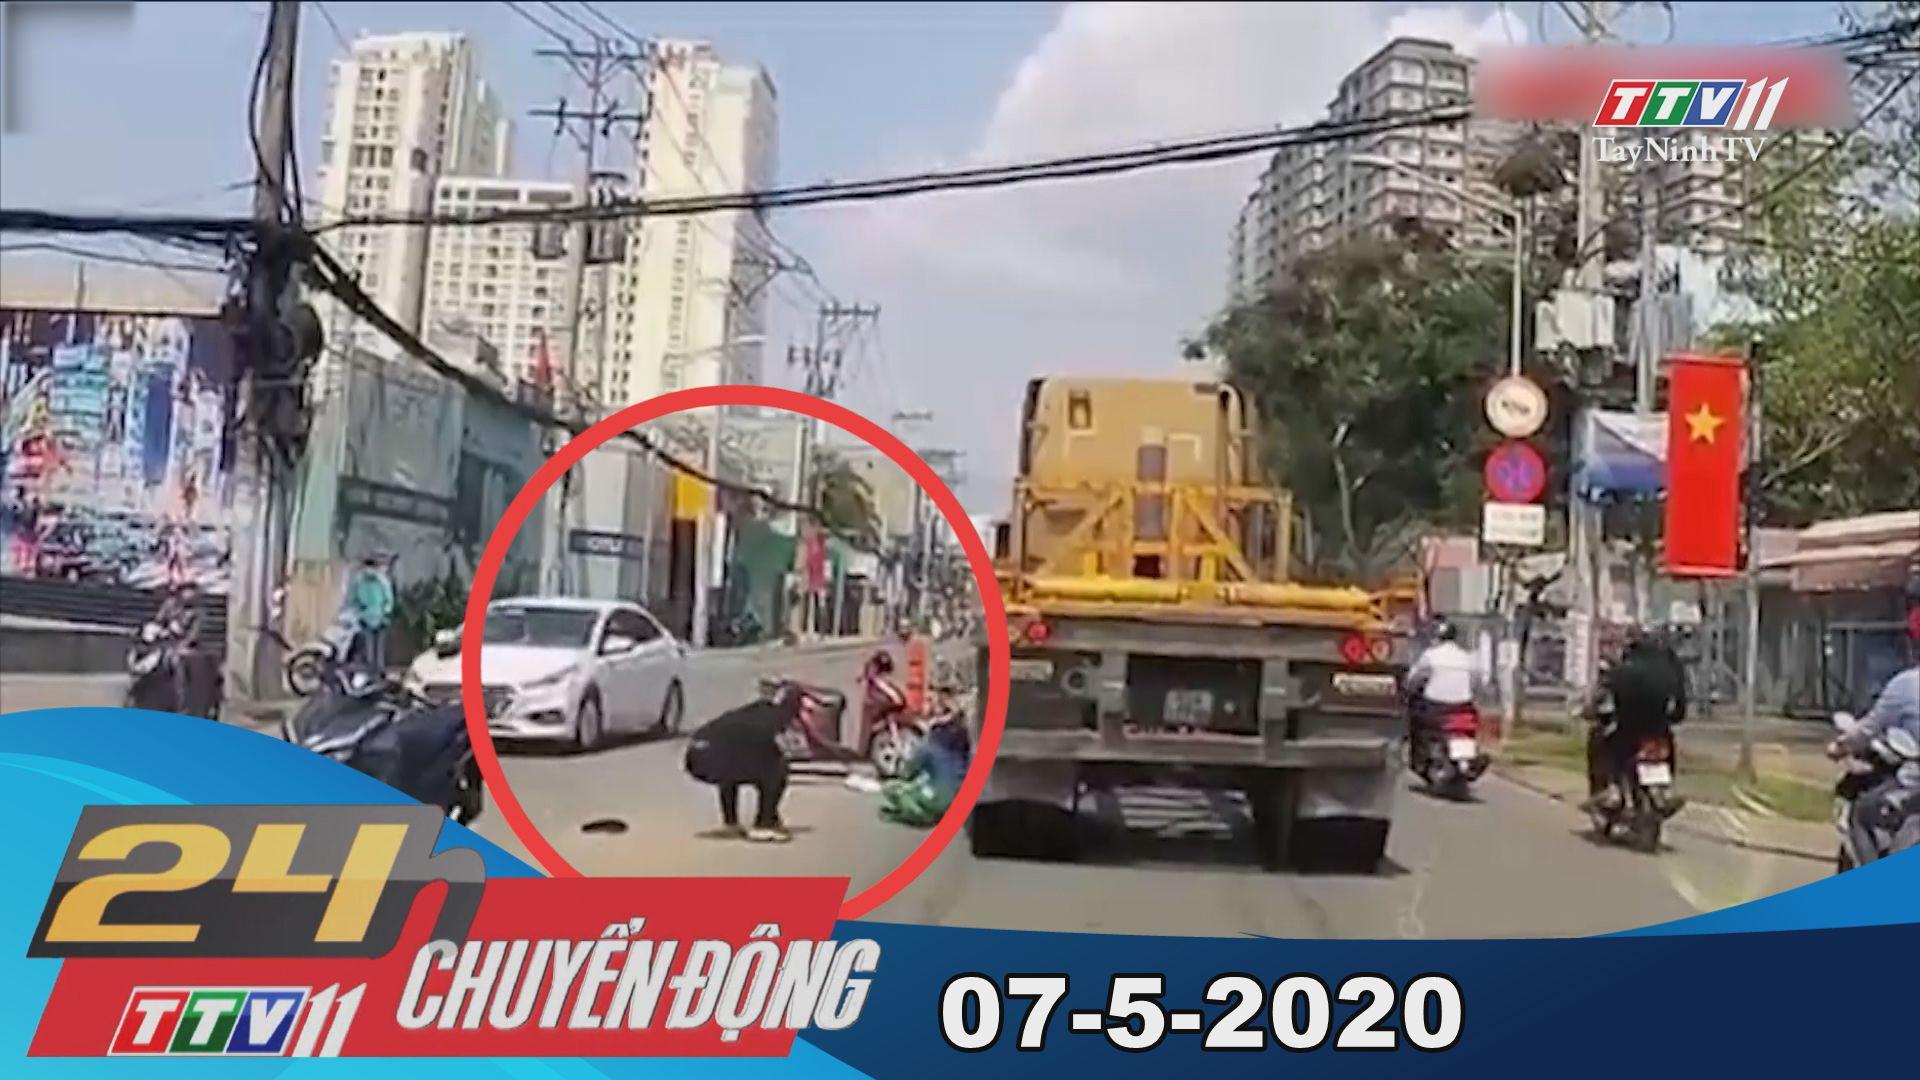 24h Chuyển động 07-5-2020 | Tin tức hôm nay | TayNinhTV